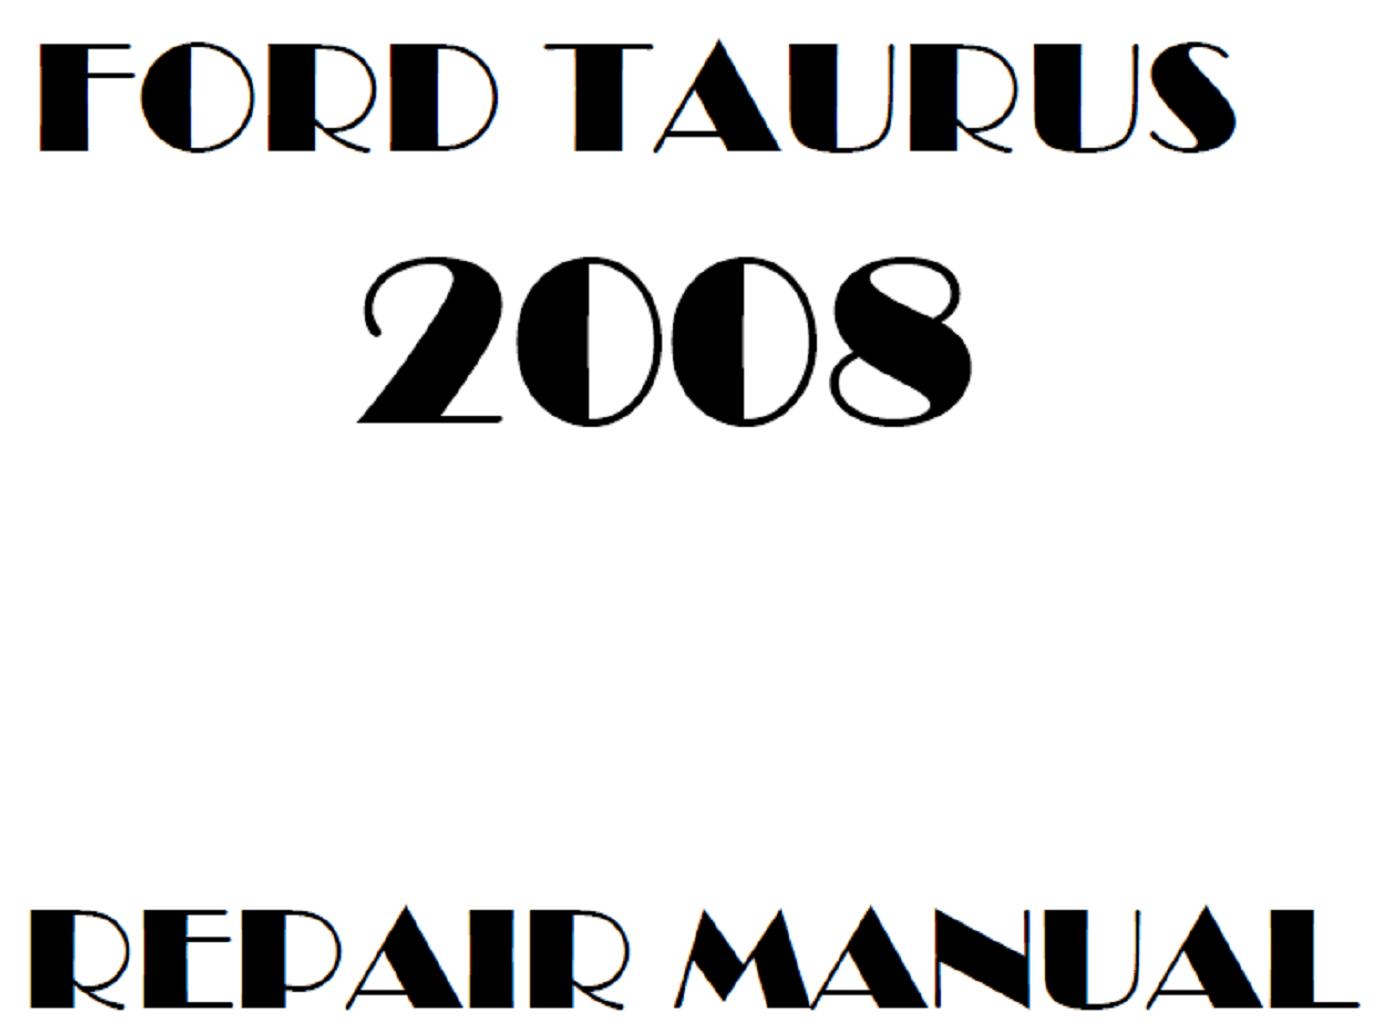 2008 Ford Taurus repair manual